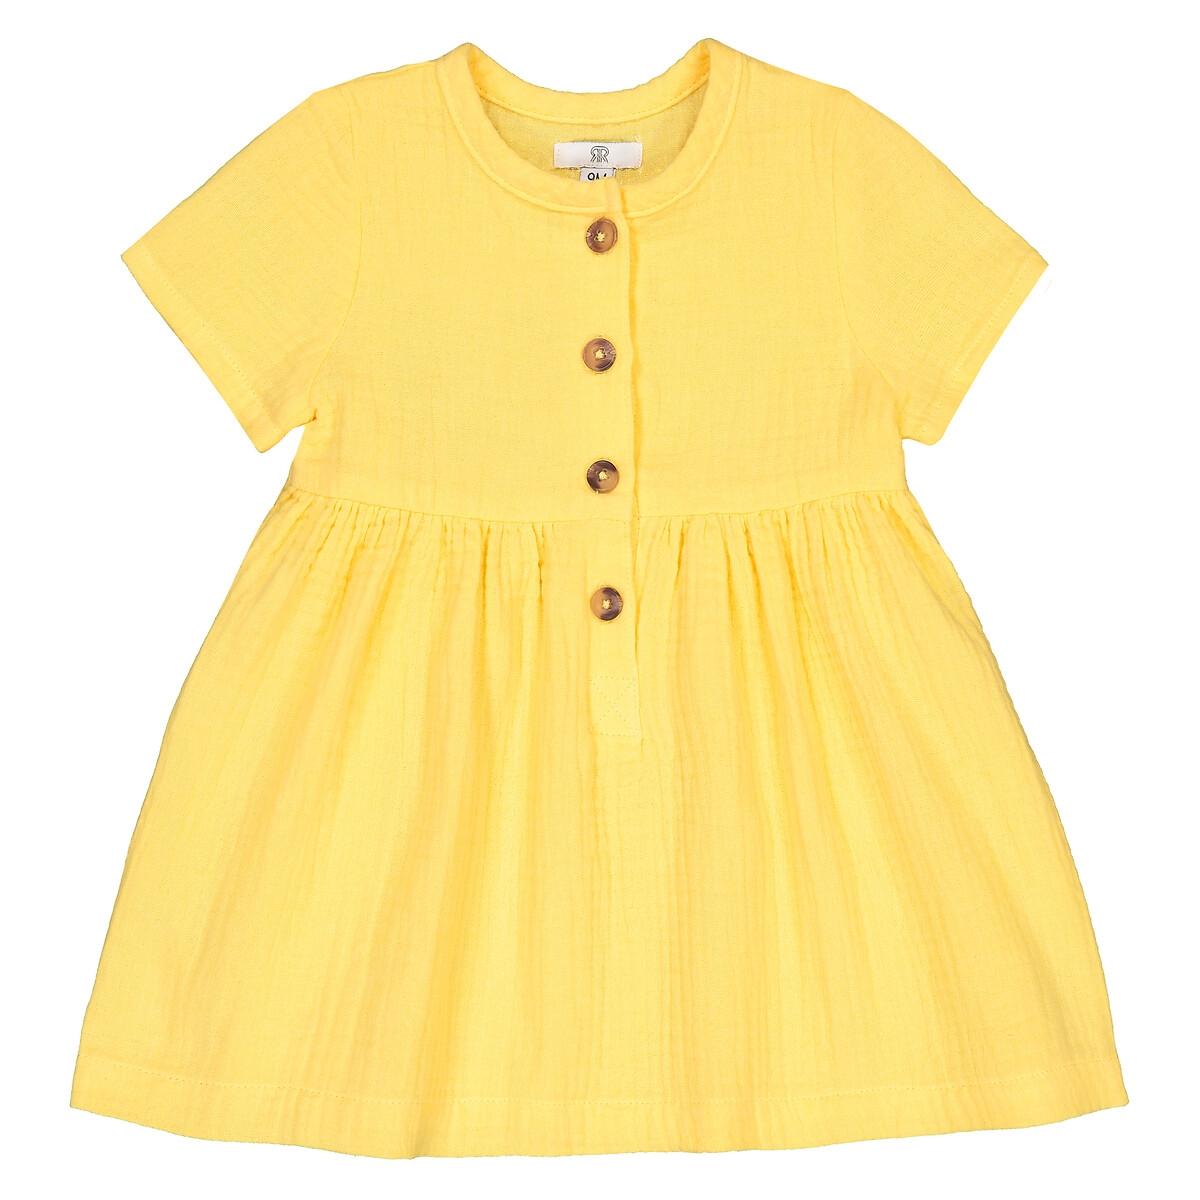 Фото - Платье LaRedoute С короткими рукавами из хлопчатобумажной газовой ткани 1 мес-4 лет 2 года - 86 см желтый платье laredoute с короткими рукавами из хлопчатобумажной газовой ткани 3 12 лет 3 года 94 см розовый